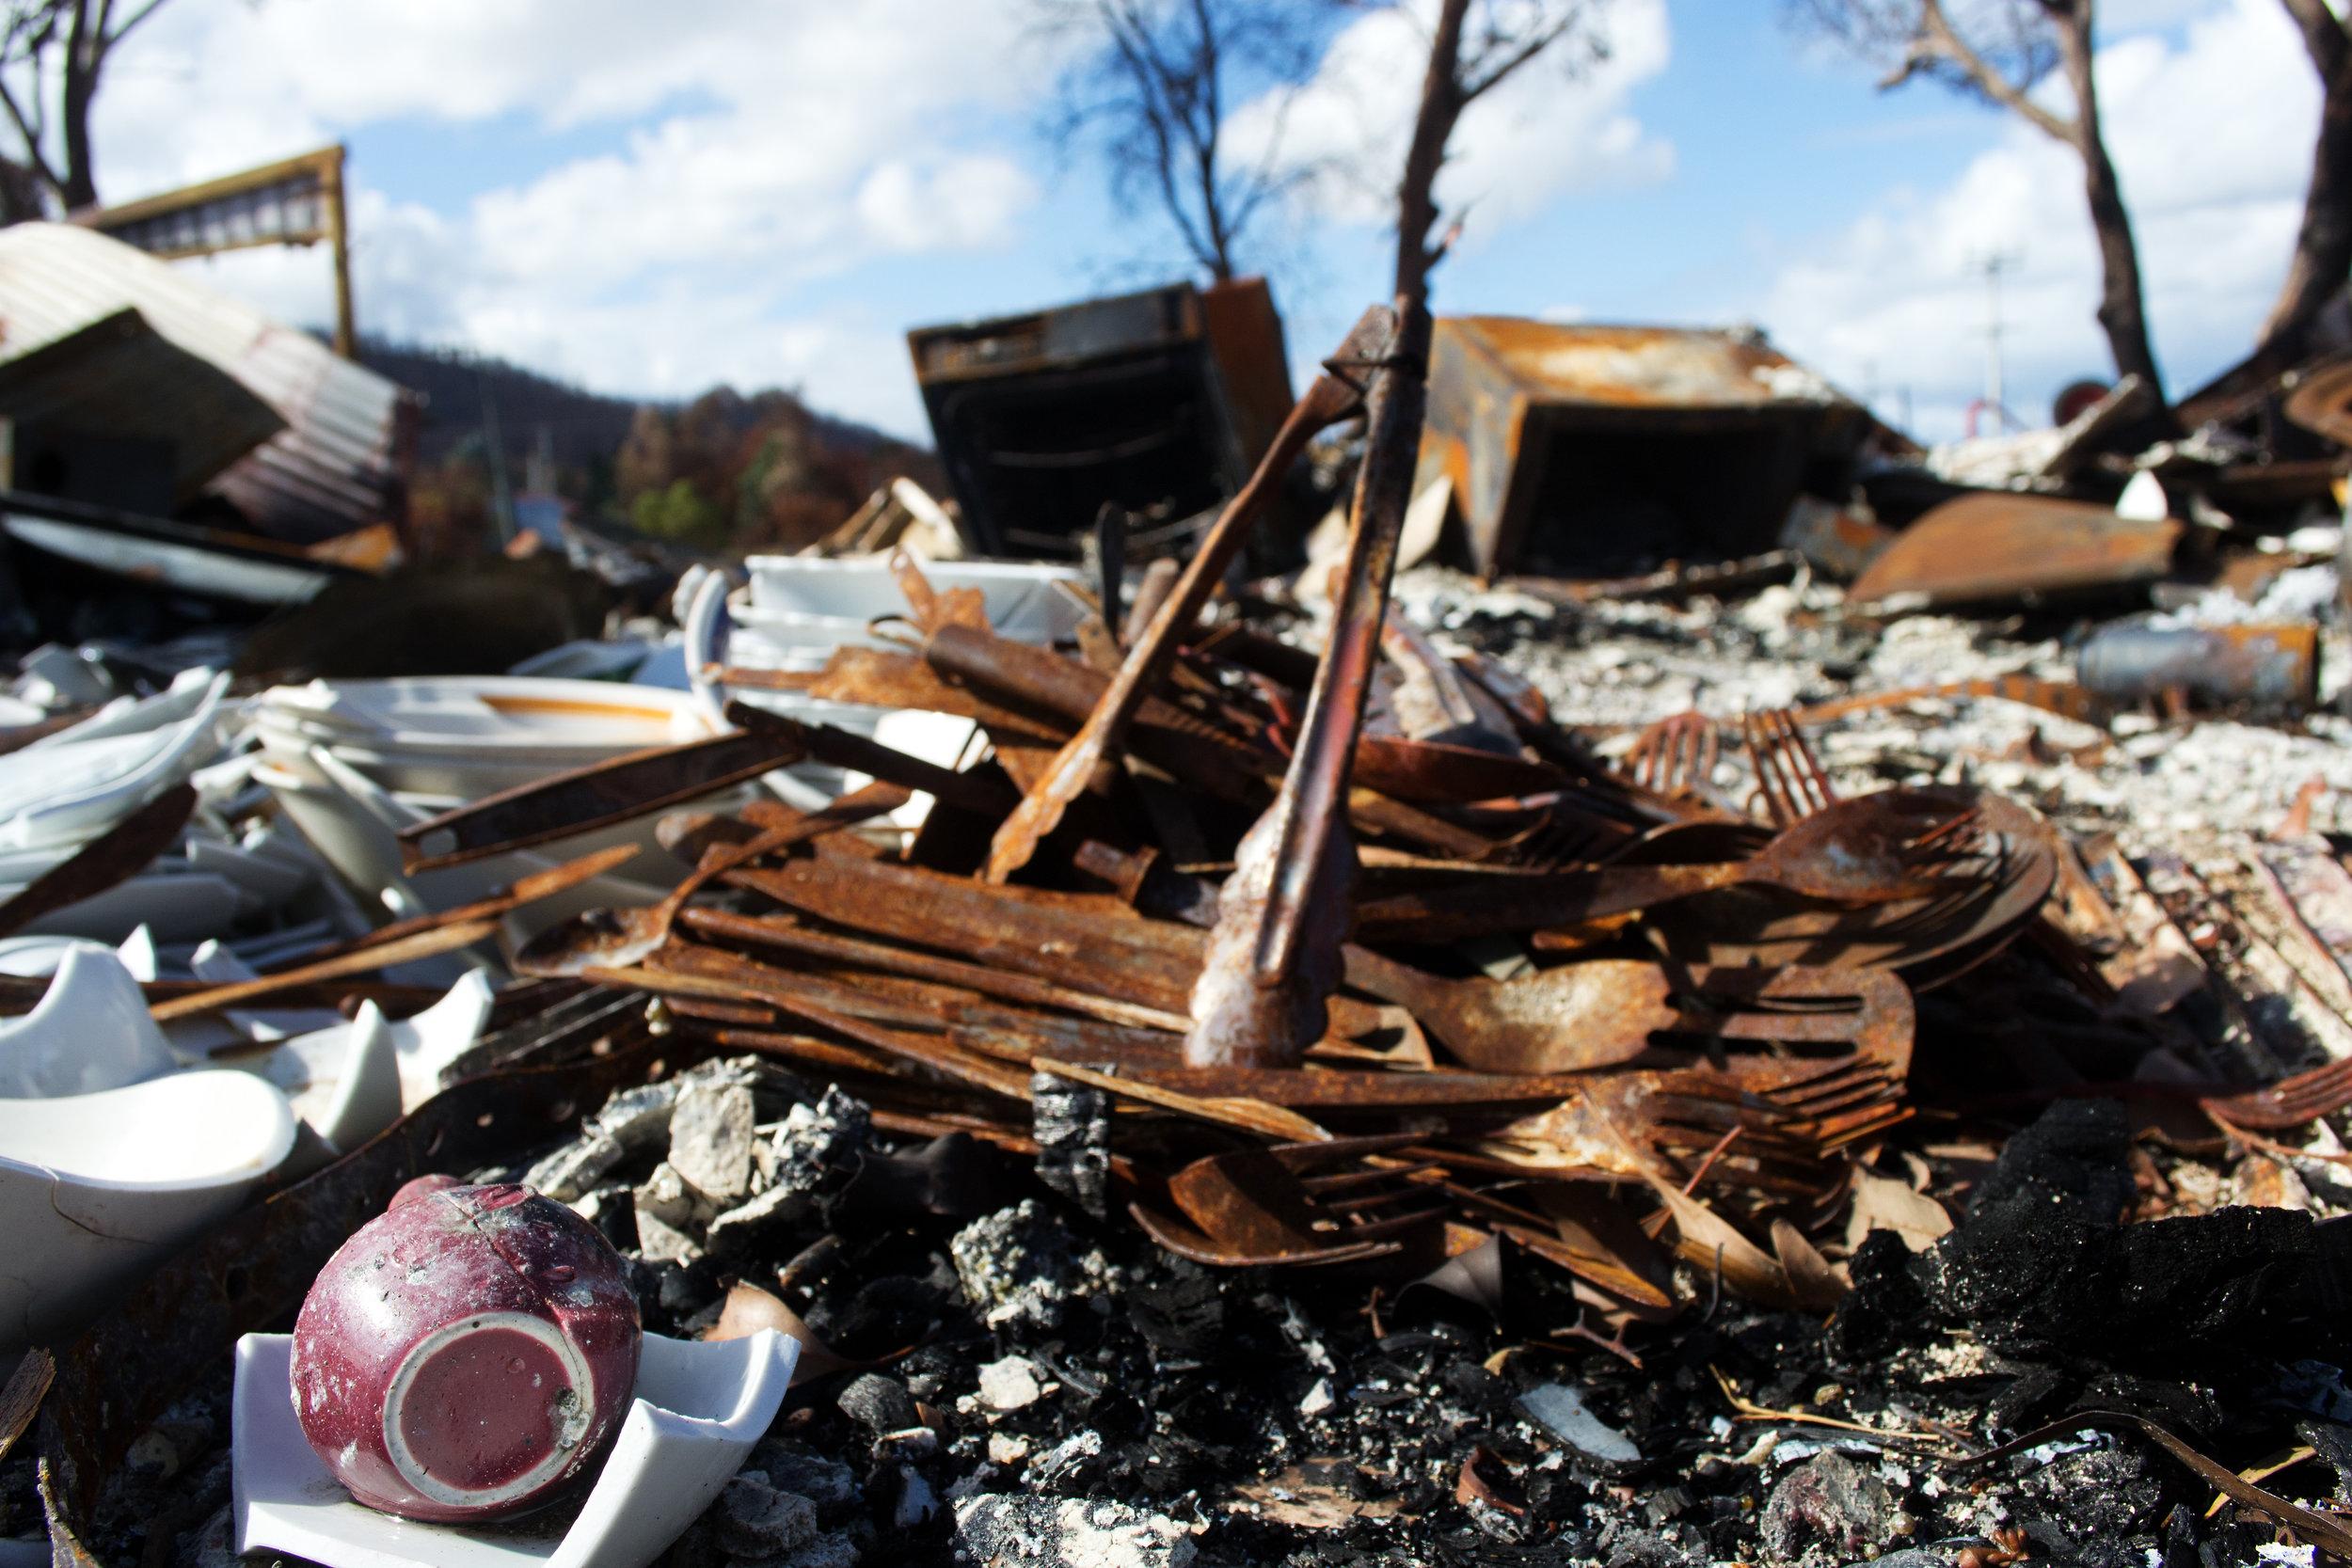 2013-02-28 - Tasmania - Dunalley after the fires - D3100  - DSC_0171.jpg